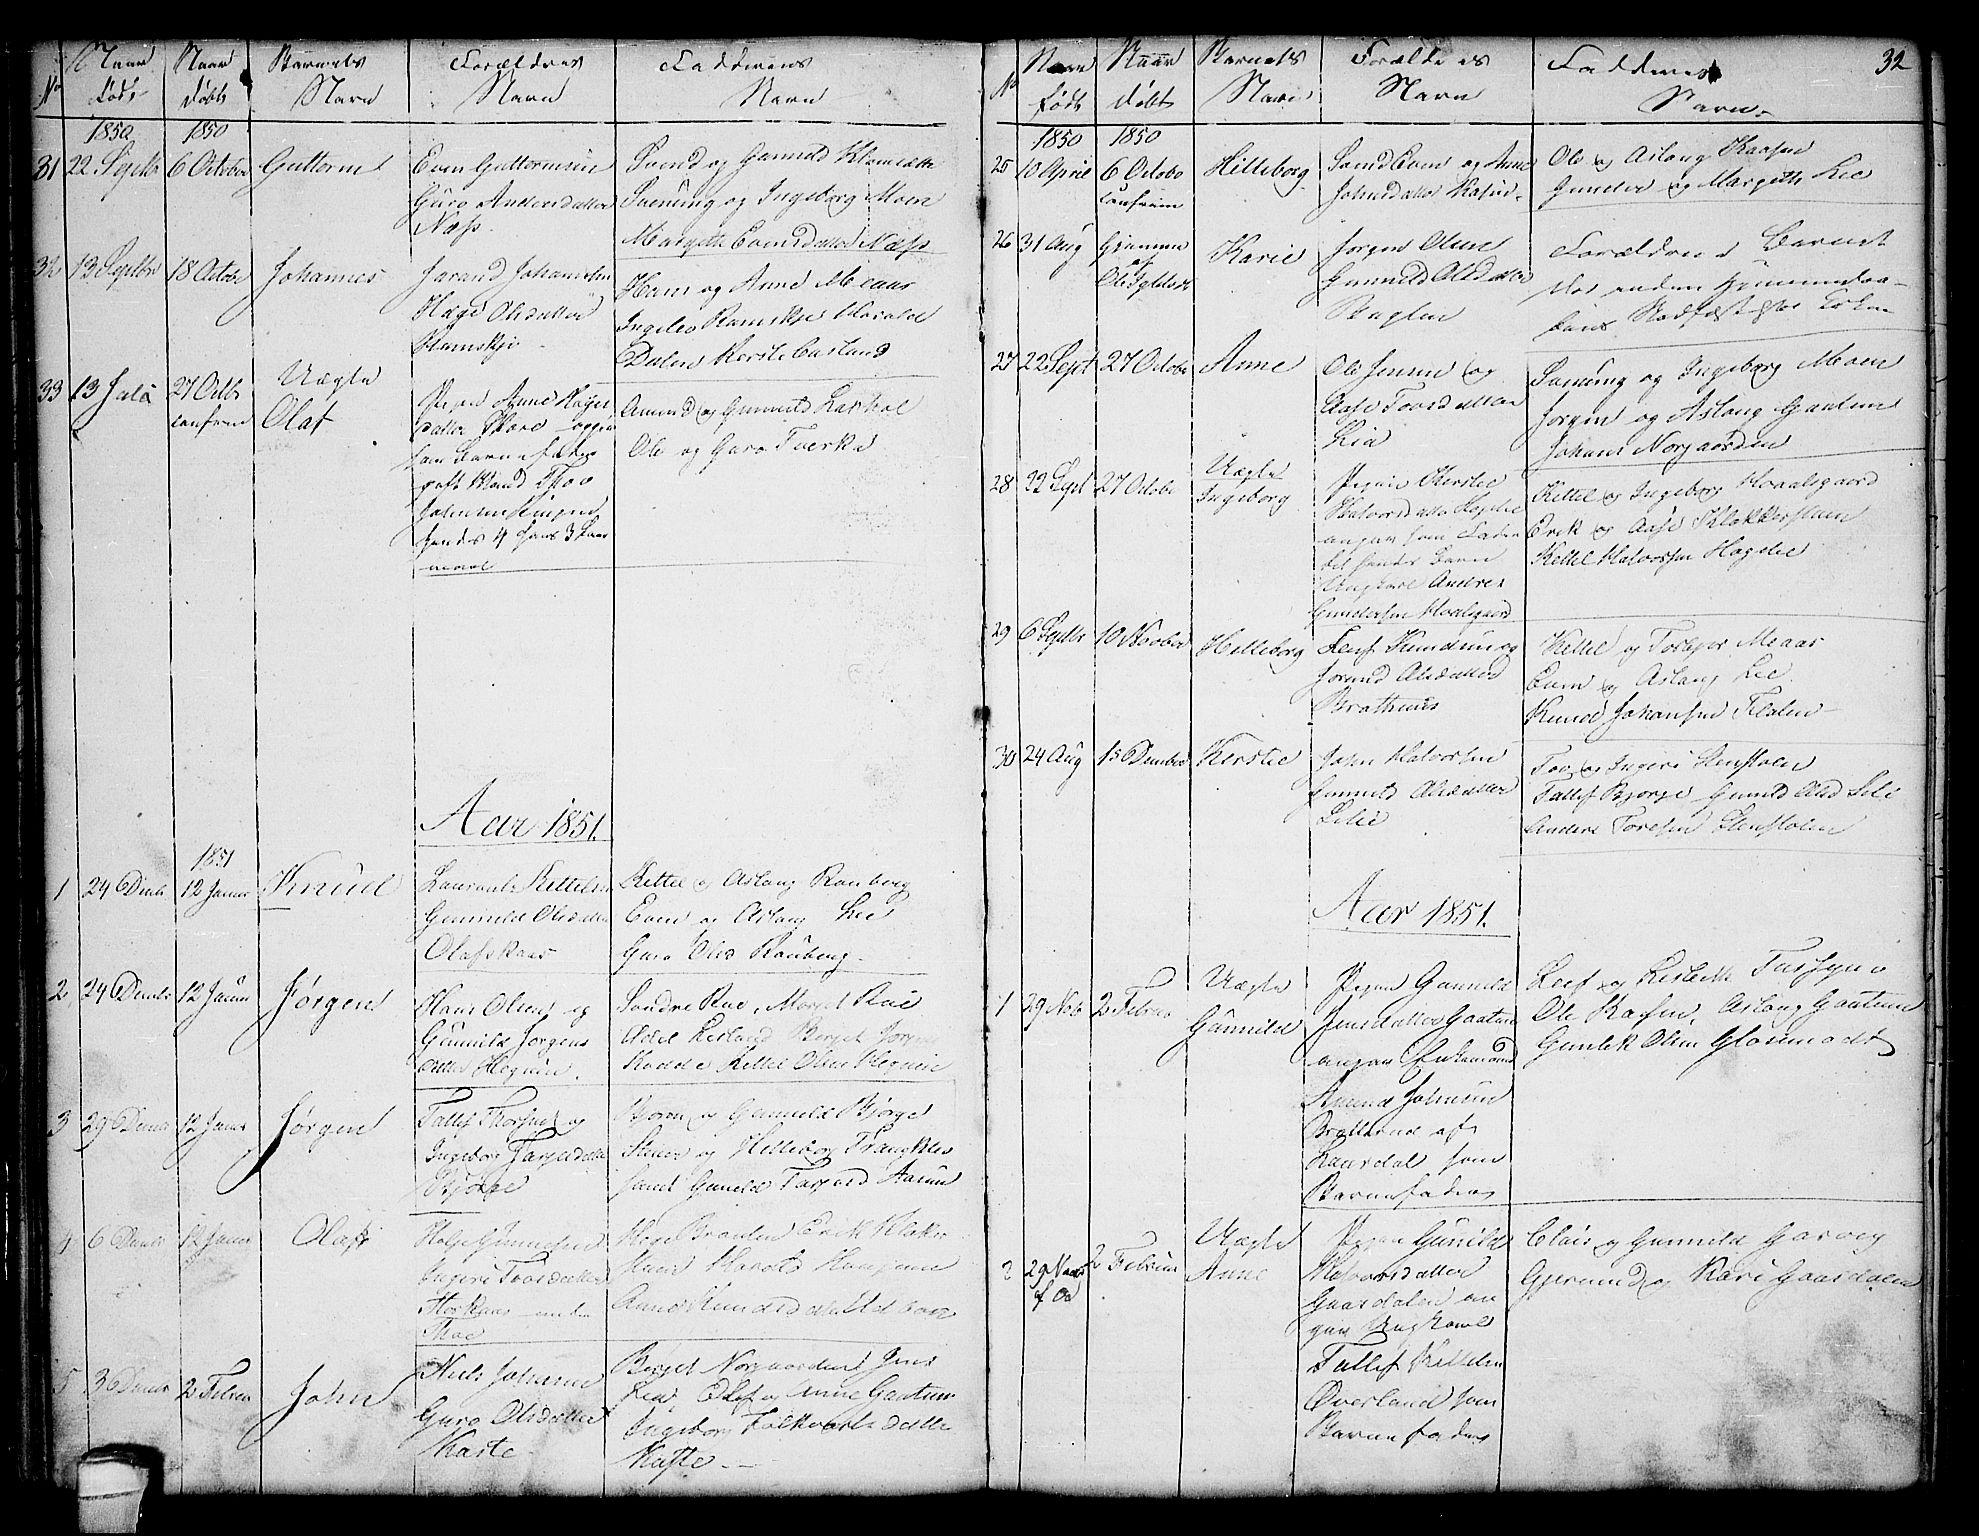 SAKO, Seljord kirkebøker, G/Ga/L0002: Klokkerbok nr. I 2, 1838-1866, s. 32